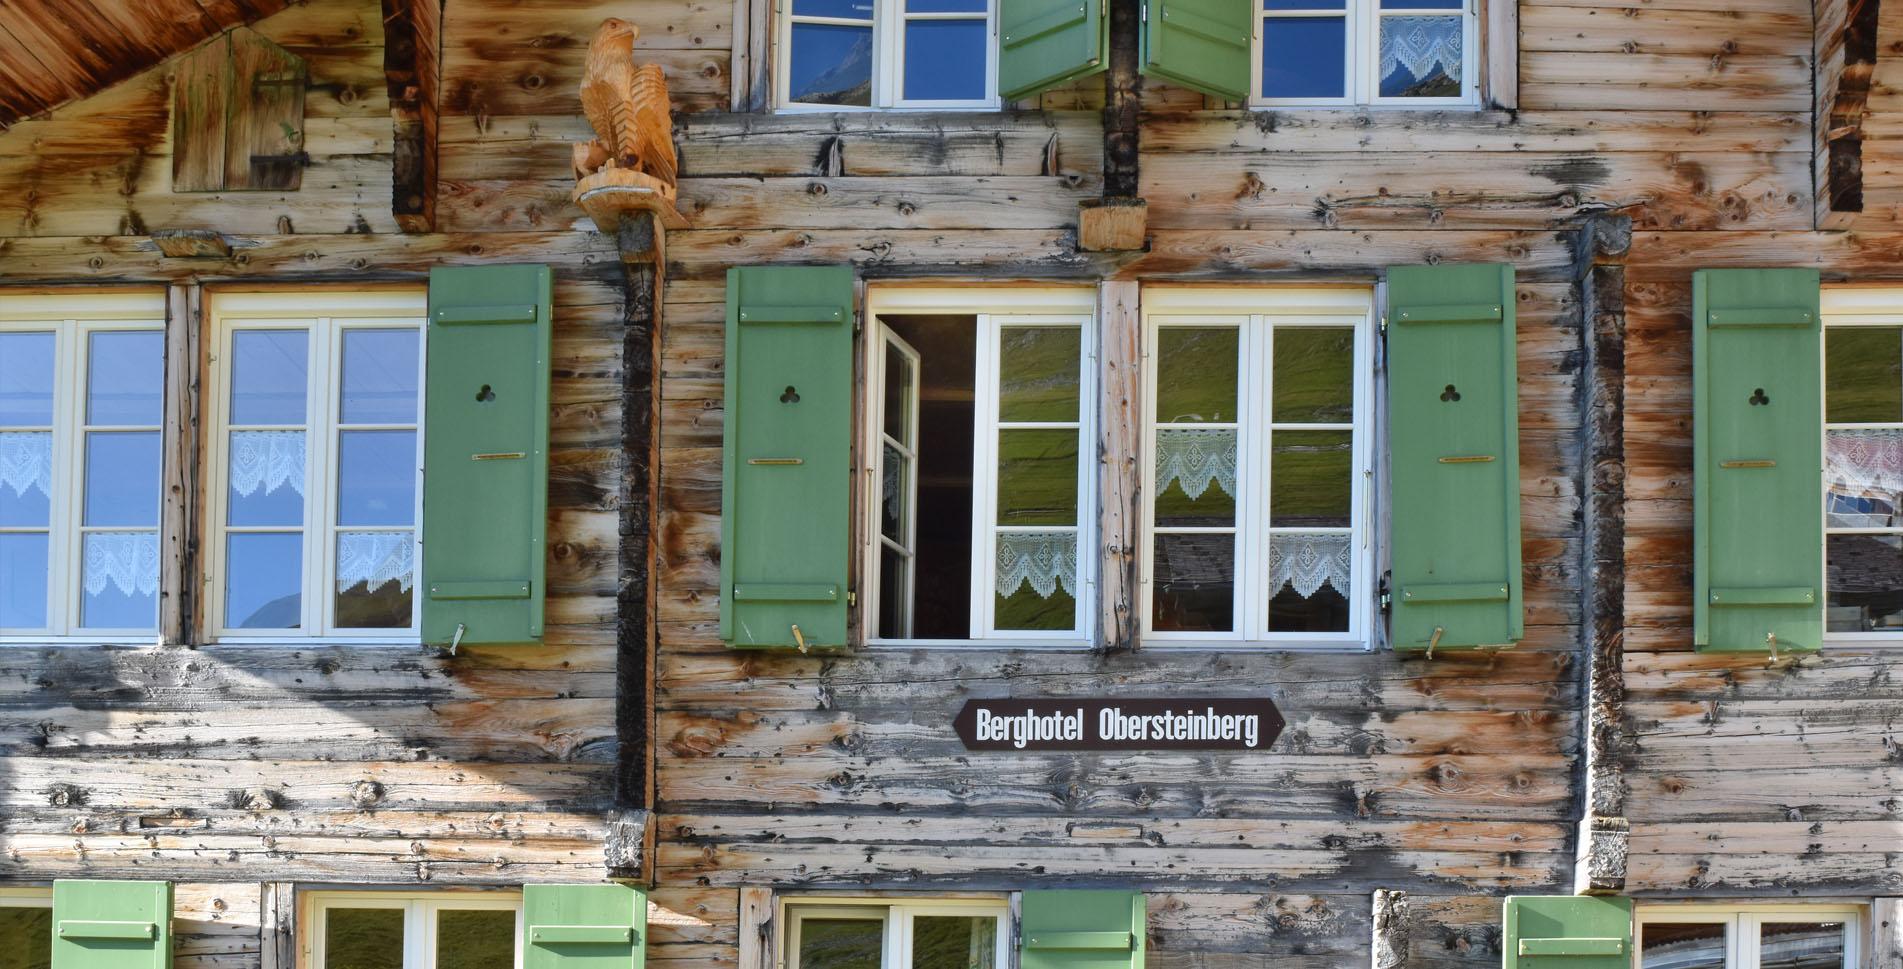 Wanderung im Hinteren Lauterbrunnental von Gimmelwald via Berggasthaus Tschingelhorn, Berghotel Obersteinberg, Schirboden, Berggasthaus Trachsellauenen nach Stechelberg